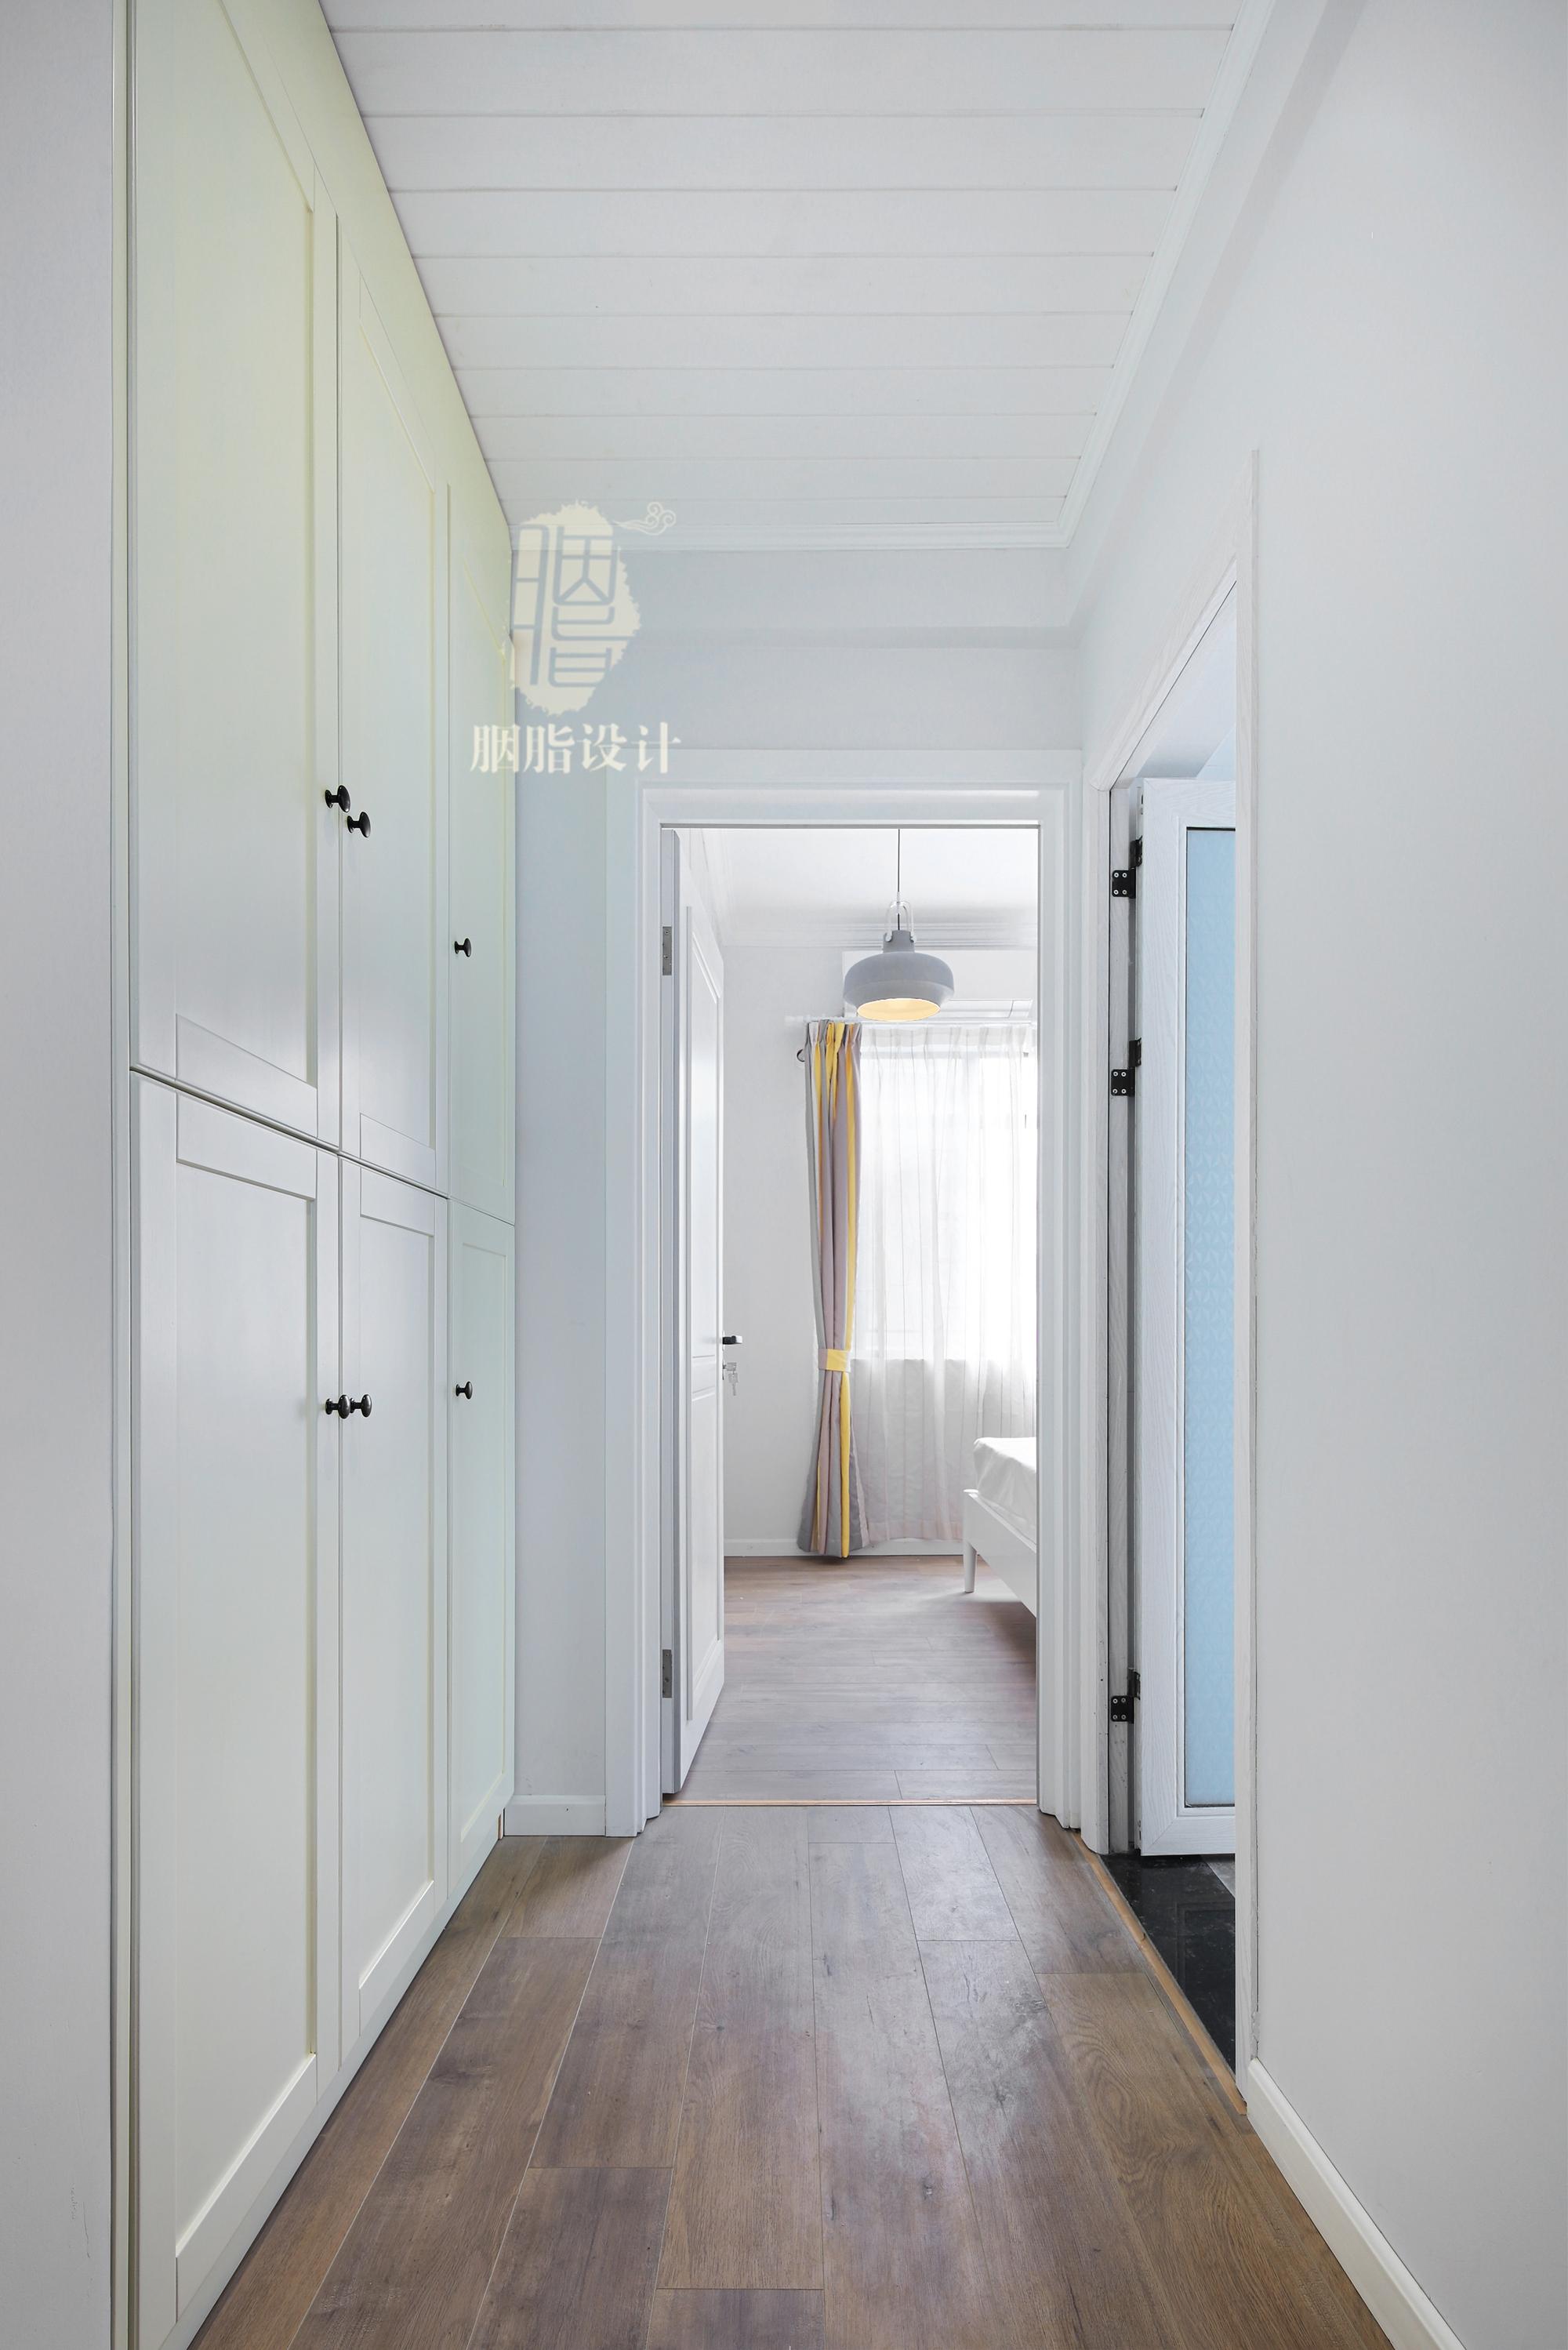 三居 旧房改造 北欧 胭脂设计 家装设计 室内设计 卧室图片来自设计师胭脂在华工旧房改造2—素简生活的分享